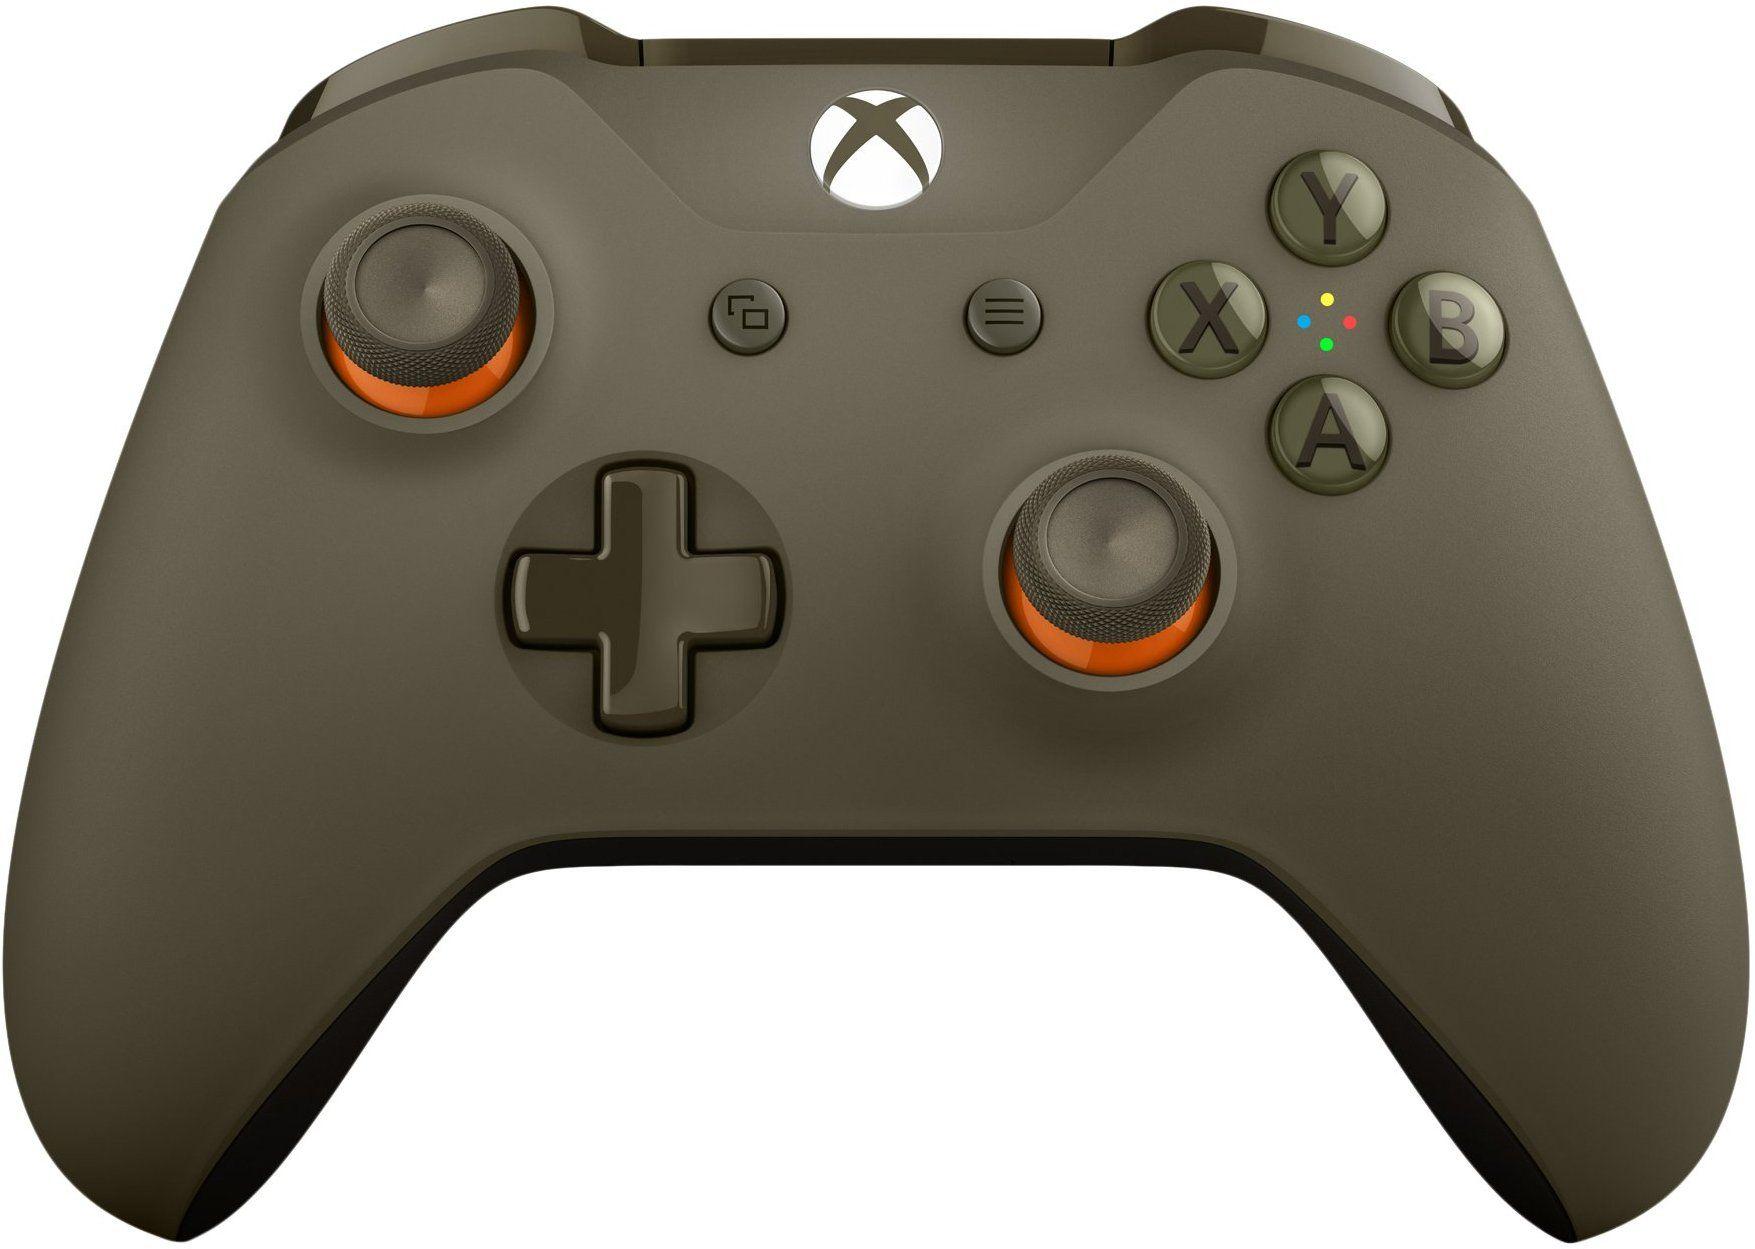 Xbox One Xbox One S Wl3 00035 Green Orange Wireless Controller Xbox One Controller Wireless Controller Xbox Wireless Controller